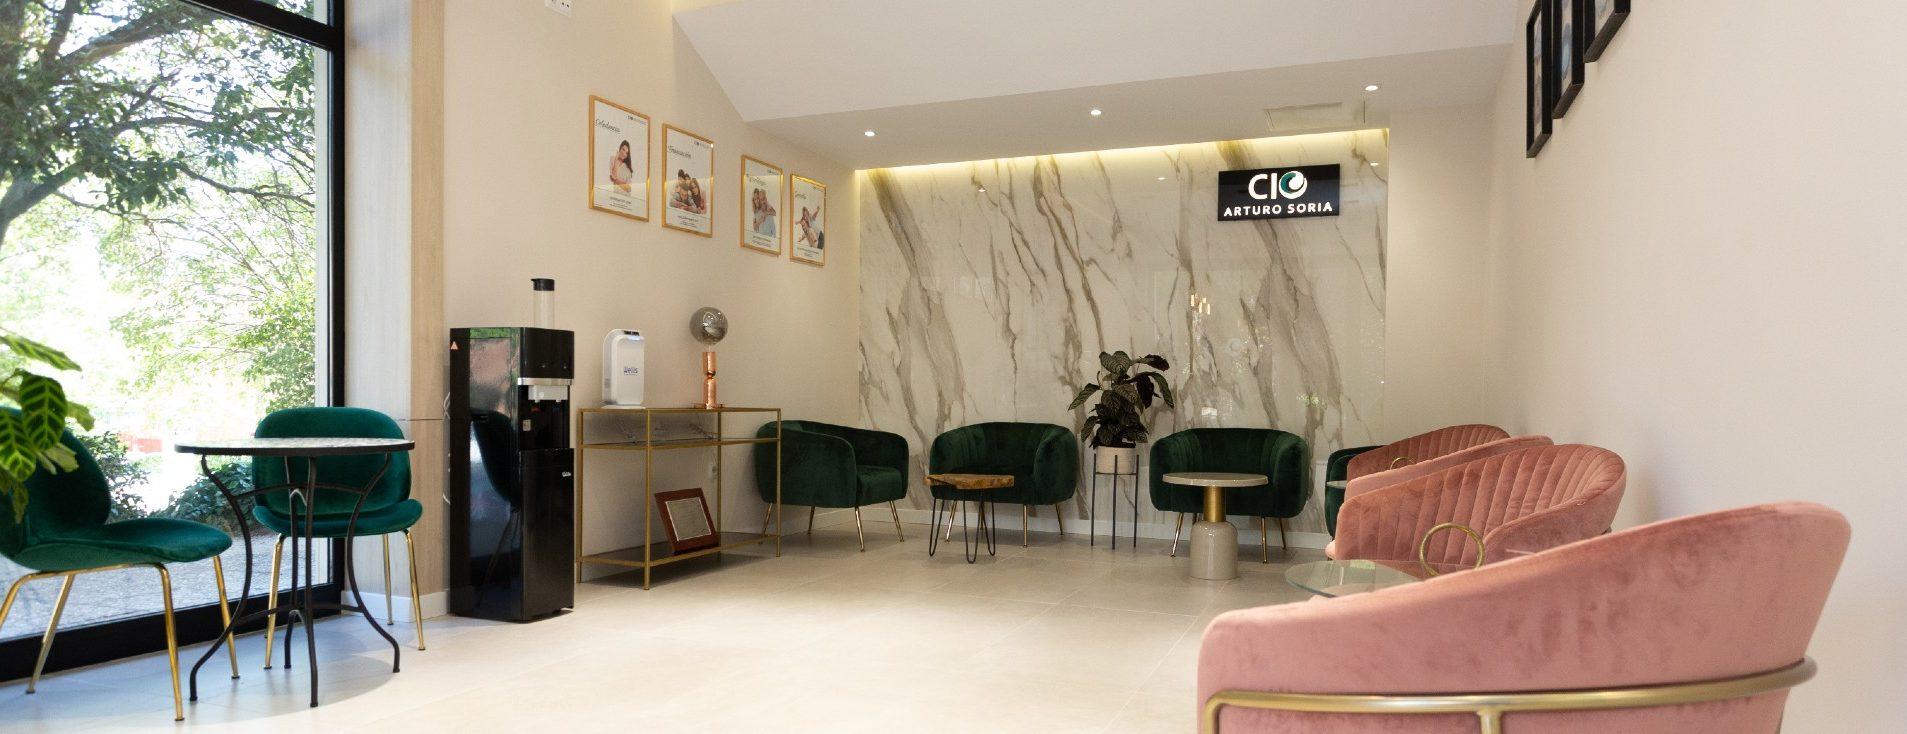 Clínica dental con financiación de tratamientos en Madrid